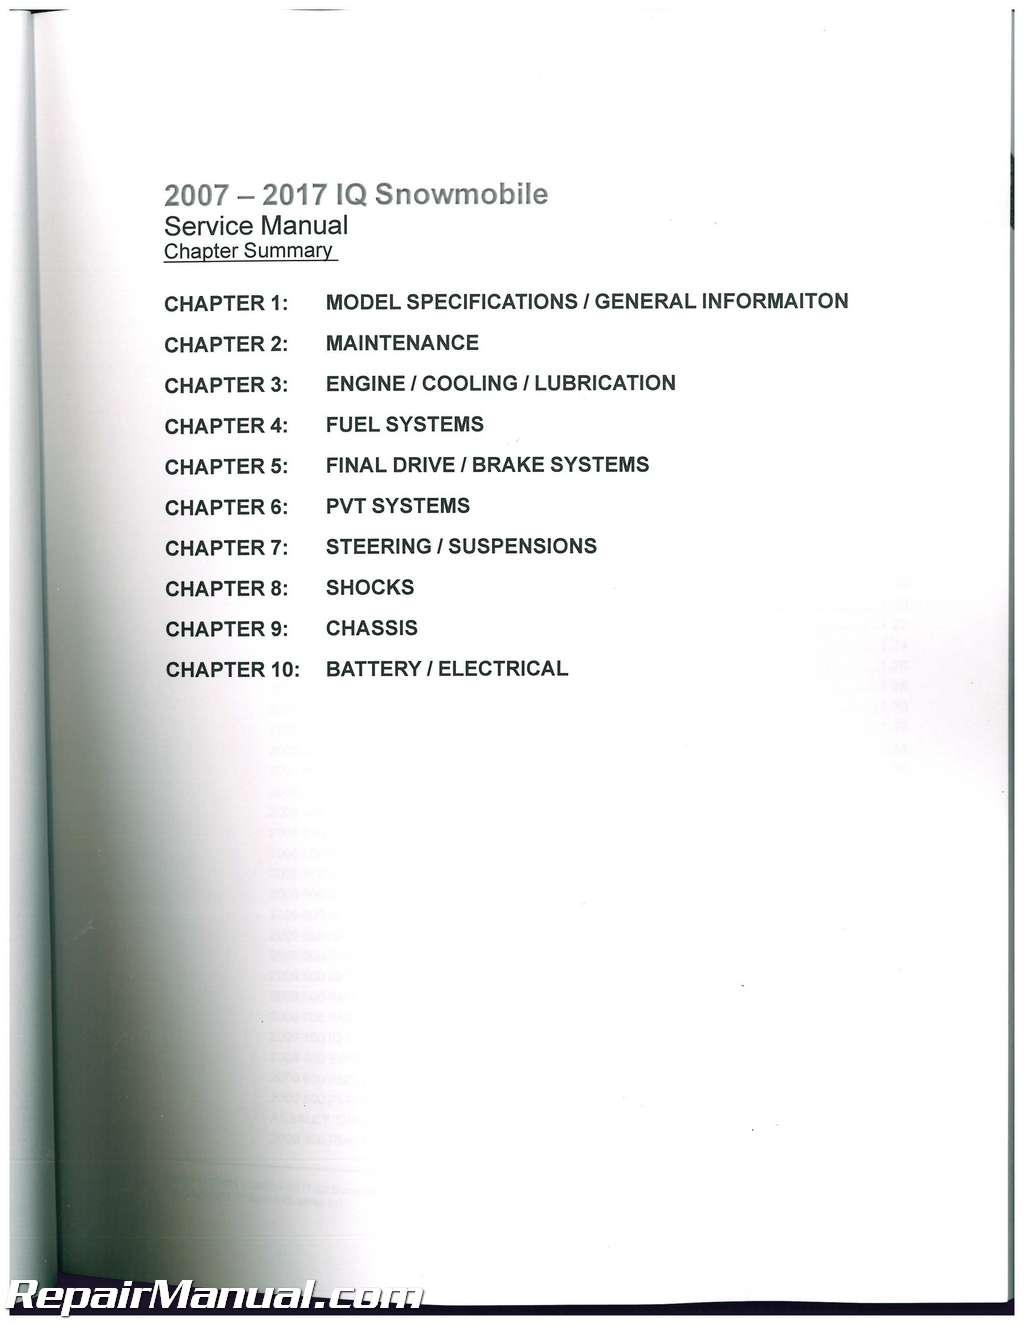 polaris snowmobile 2007 2011 550 600 700 800 repair manual